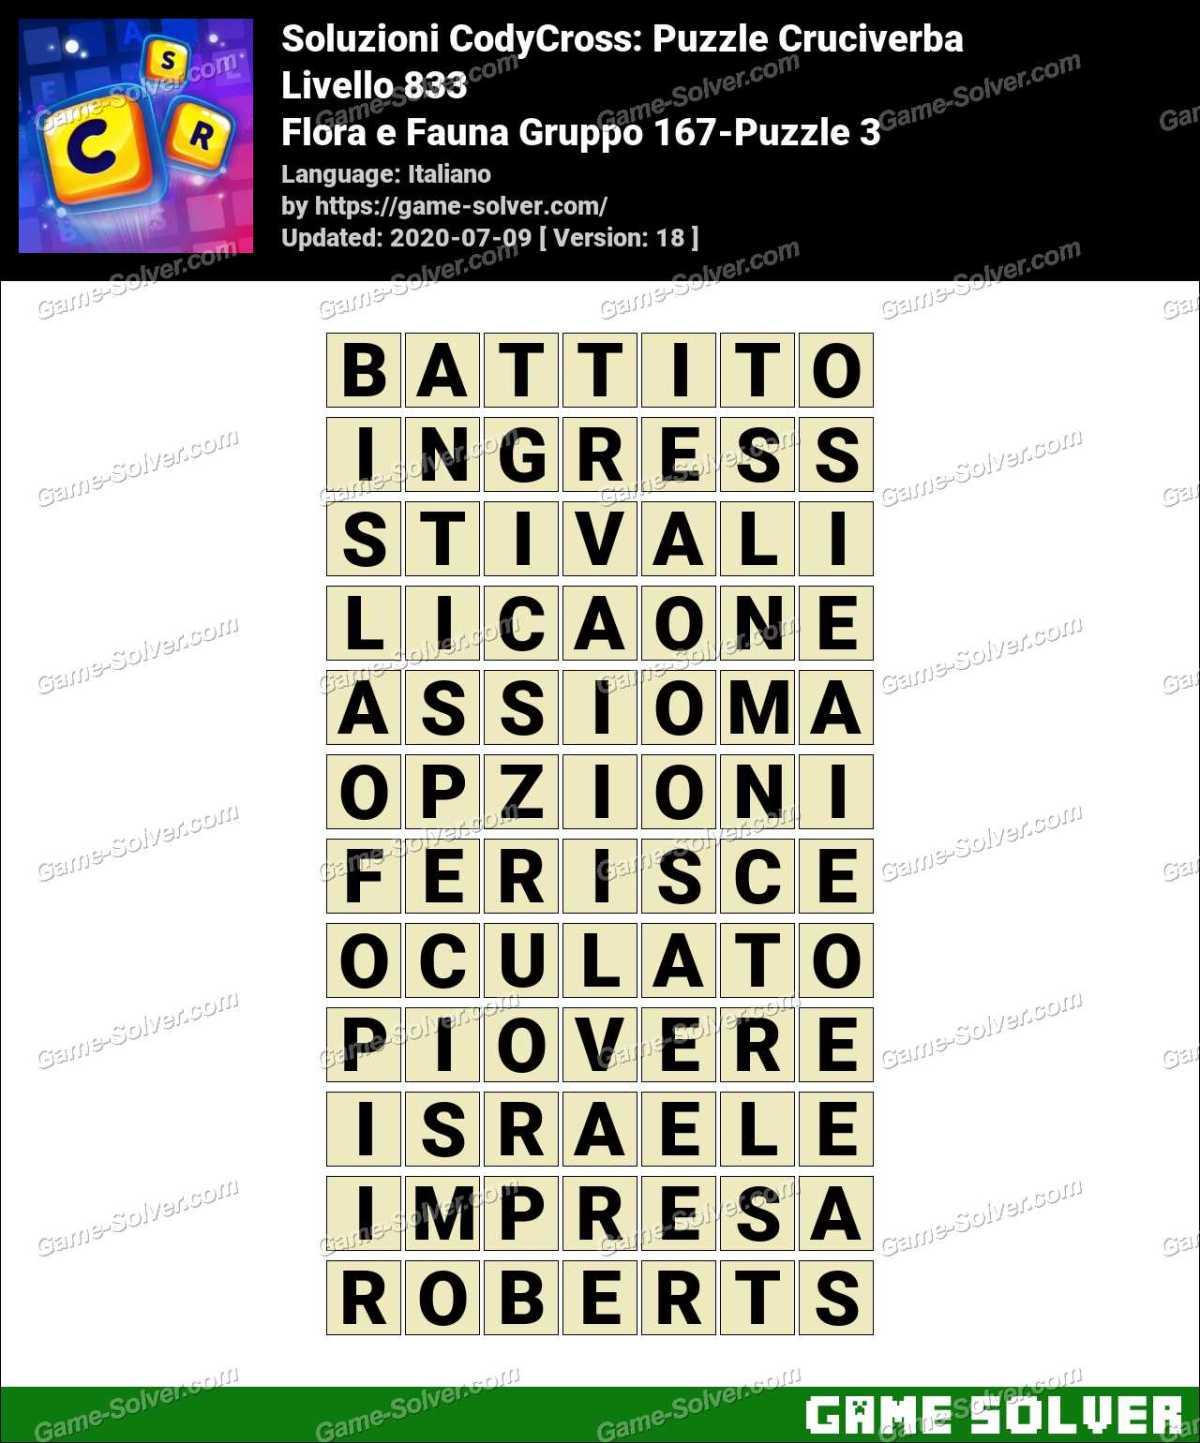 Soluzioni CodyCross Flora e Fauna Gruppo 167-Puzzle 3